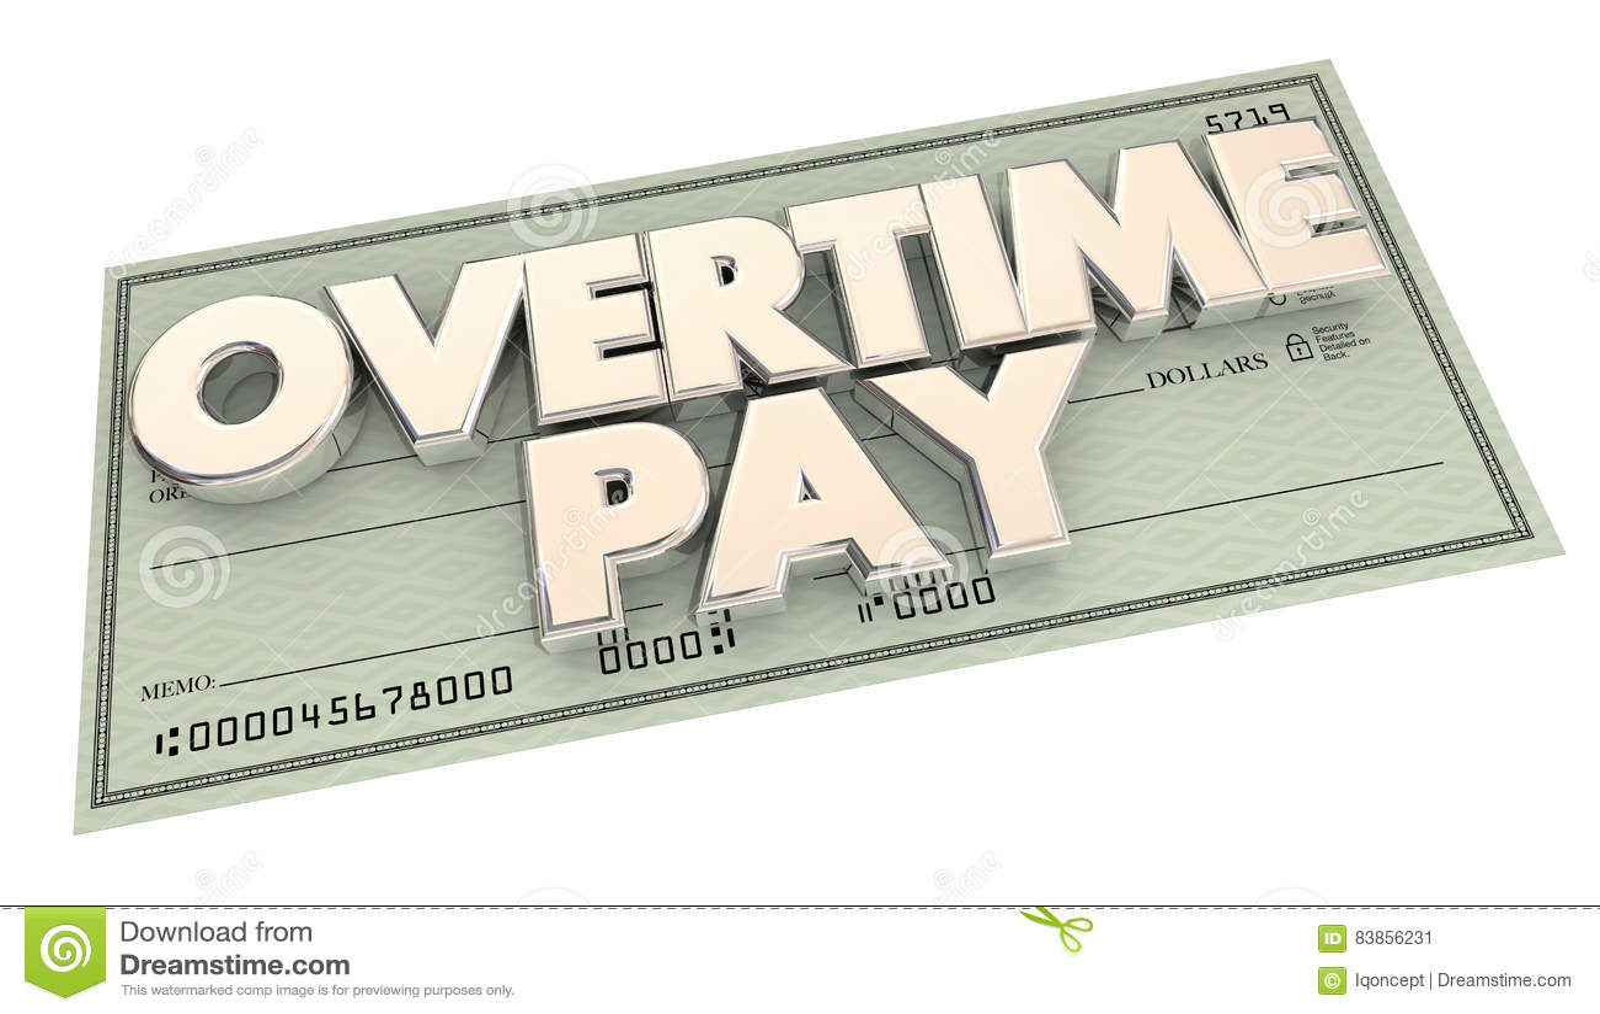 Dinero adicional de las horas de trabajo del control del pago de horas extras